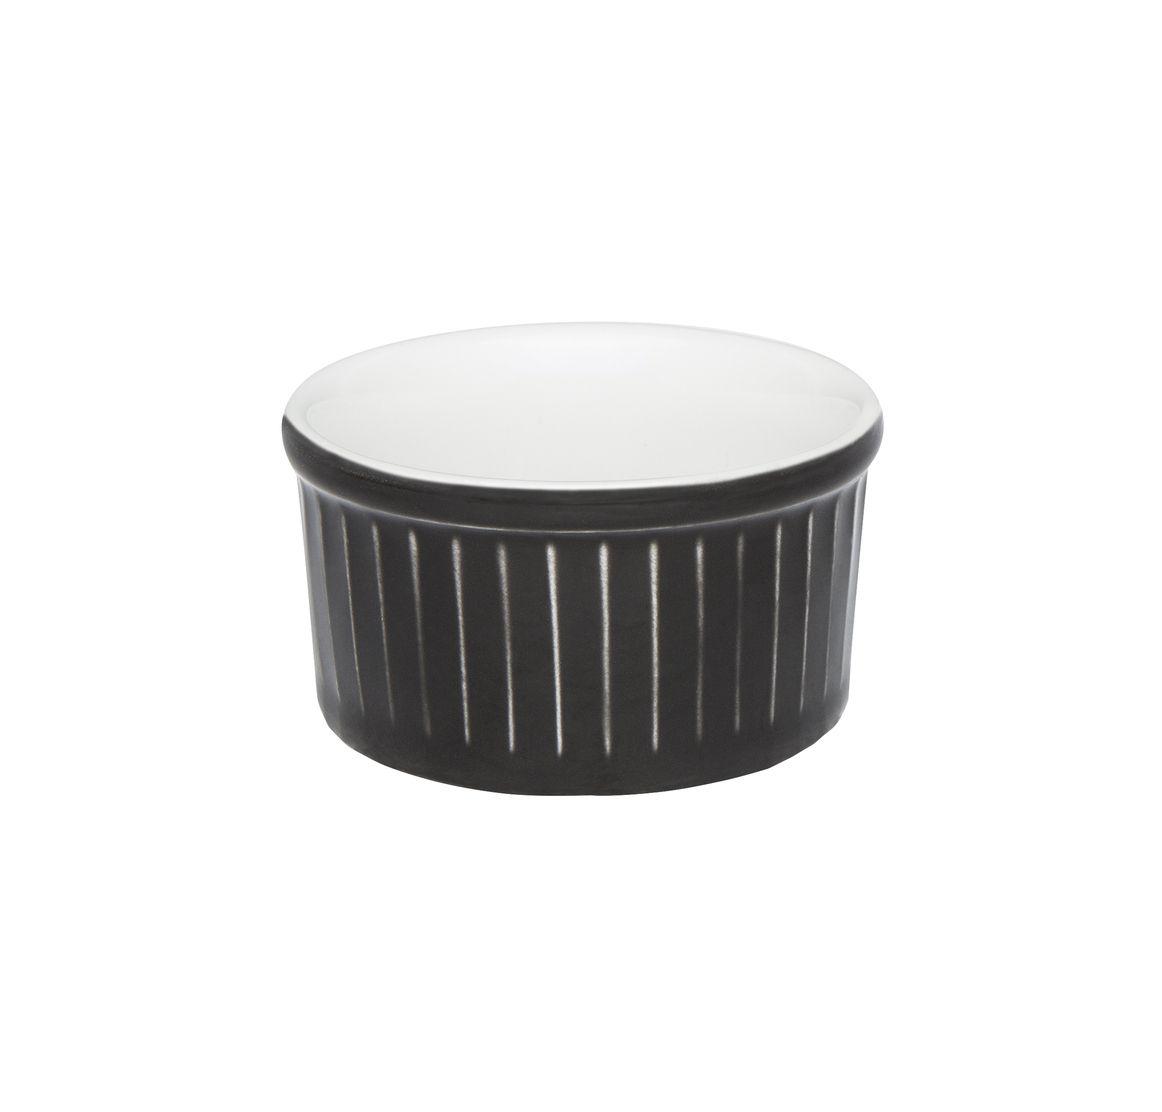 Tigela Ramequin 8X4Cm 100Ml - Branco/Preto - Oxford Cookware